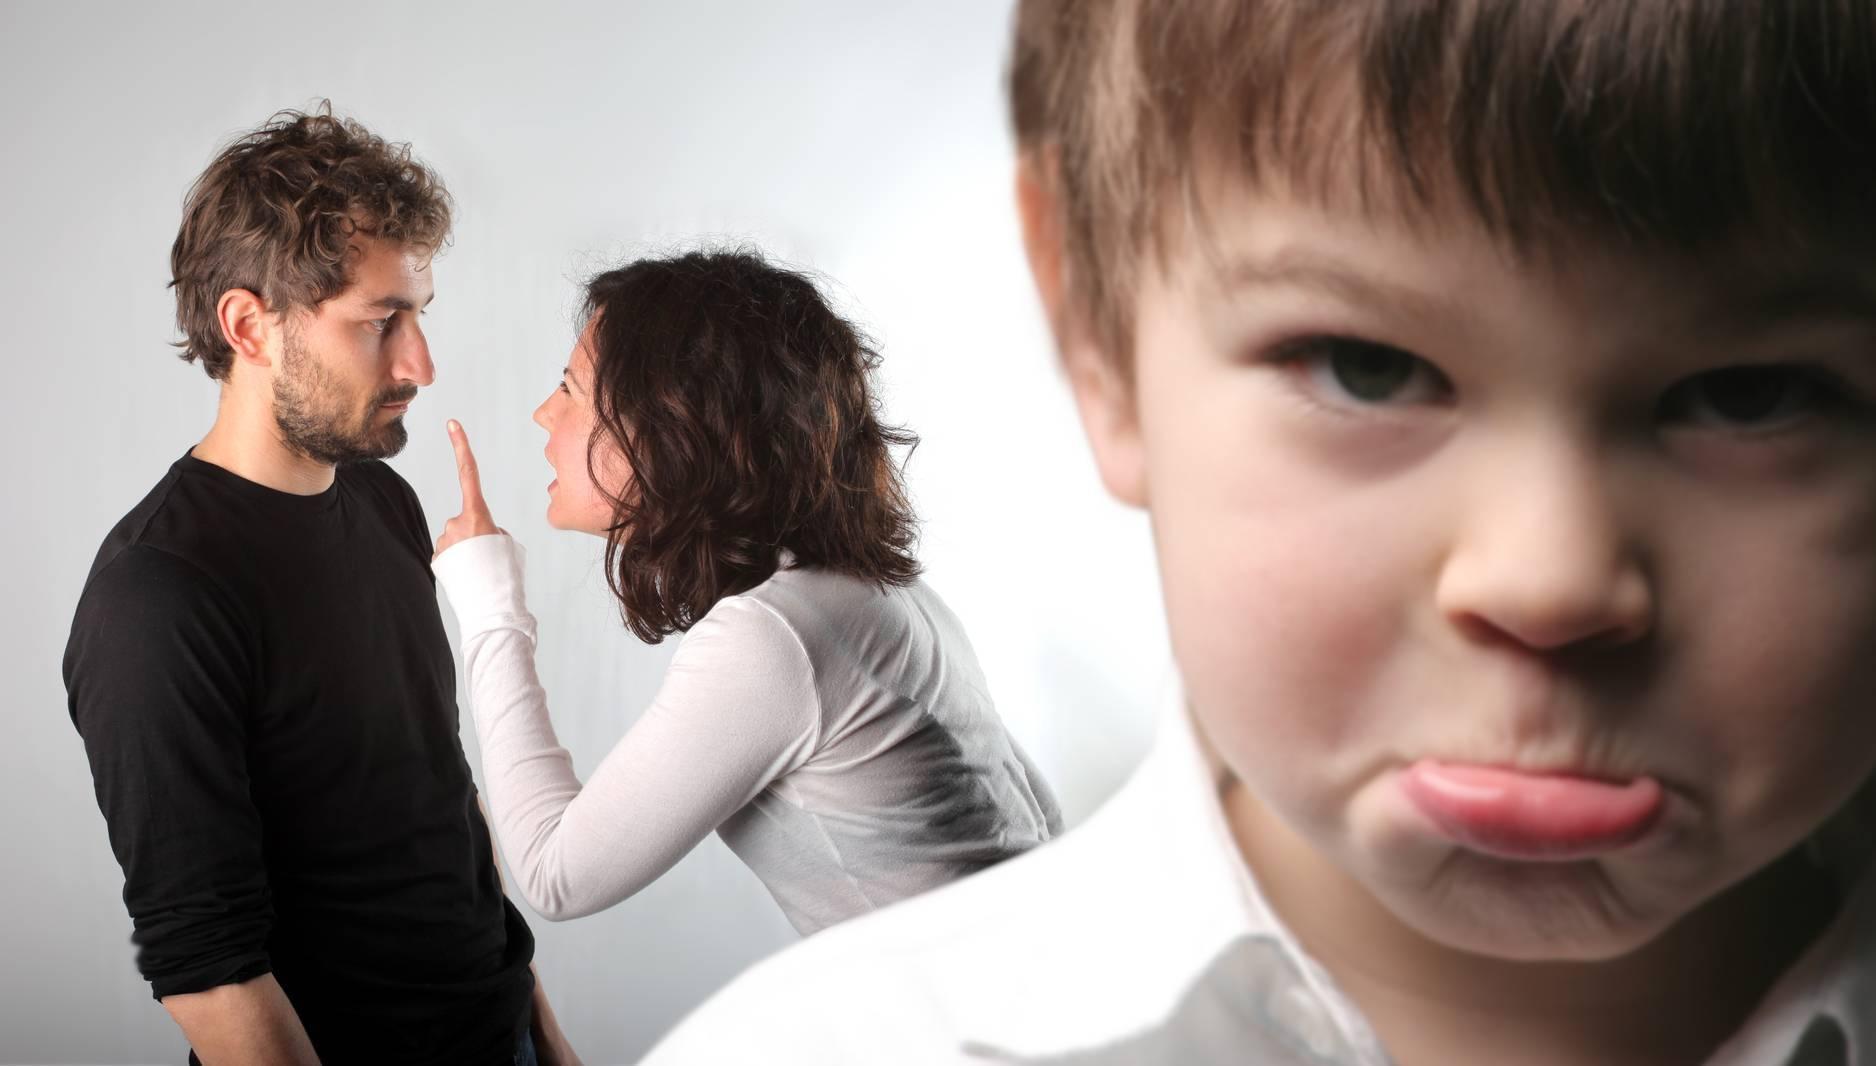 Причины ссор родителей с детьми